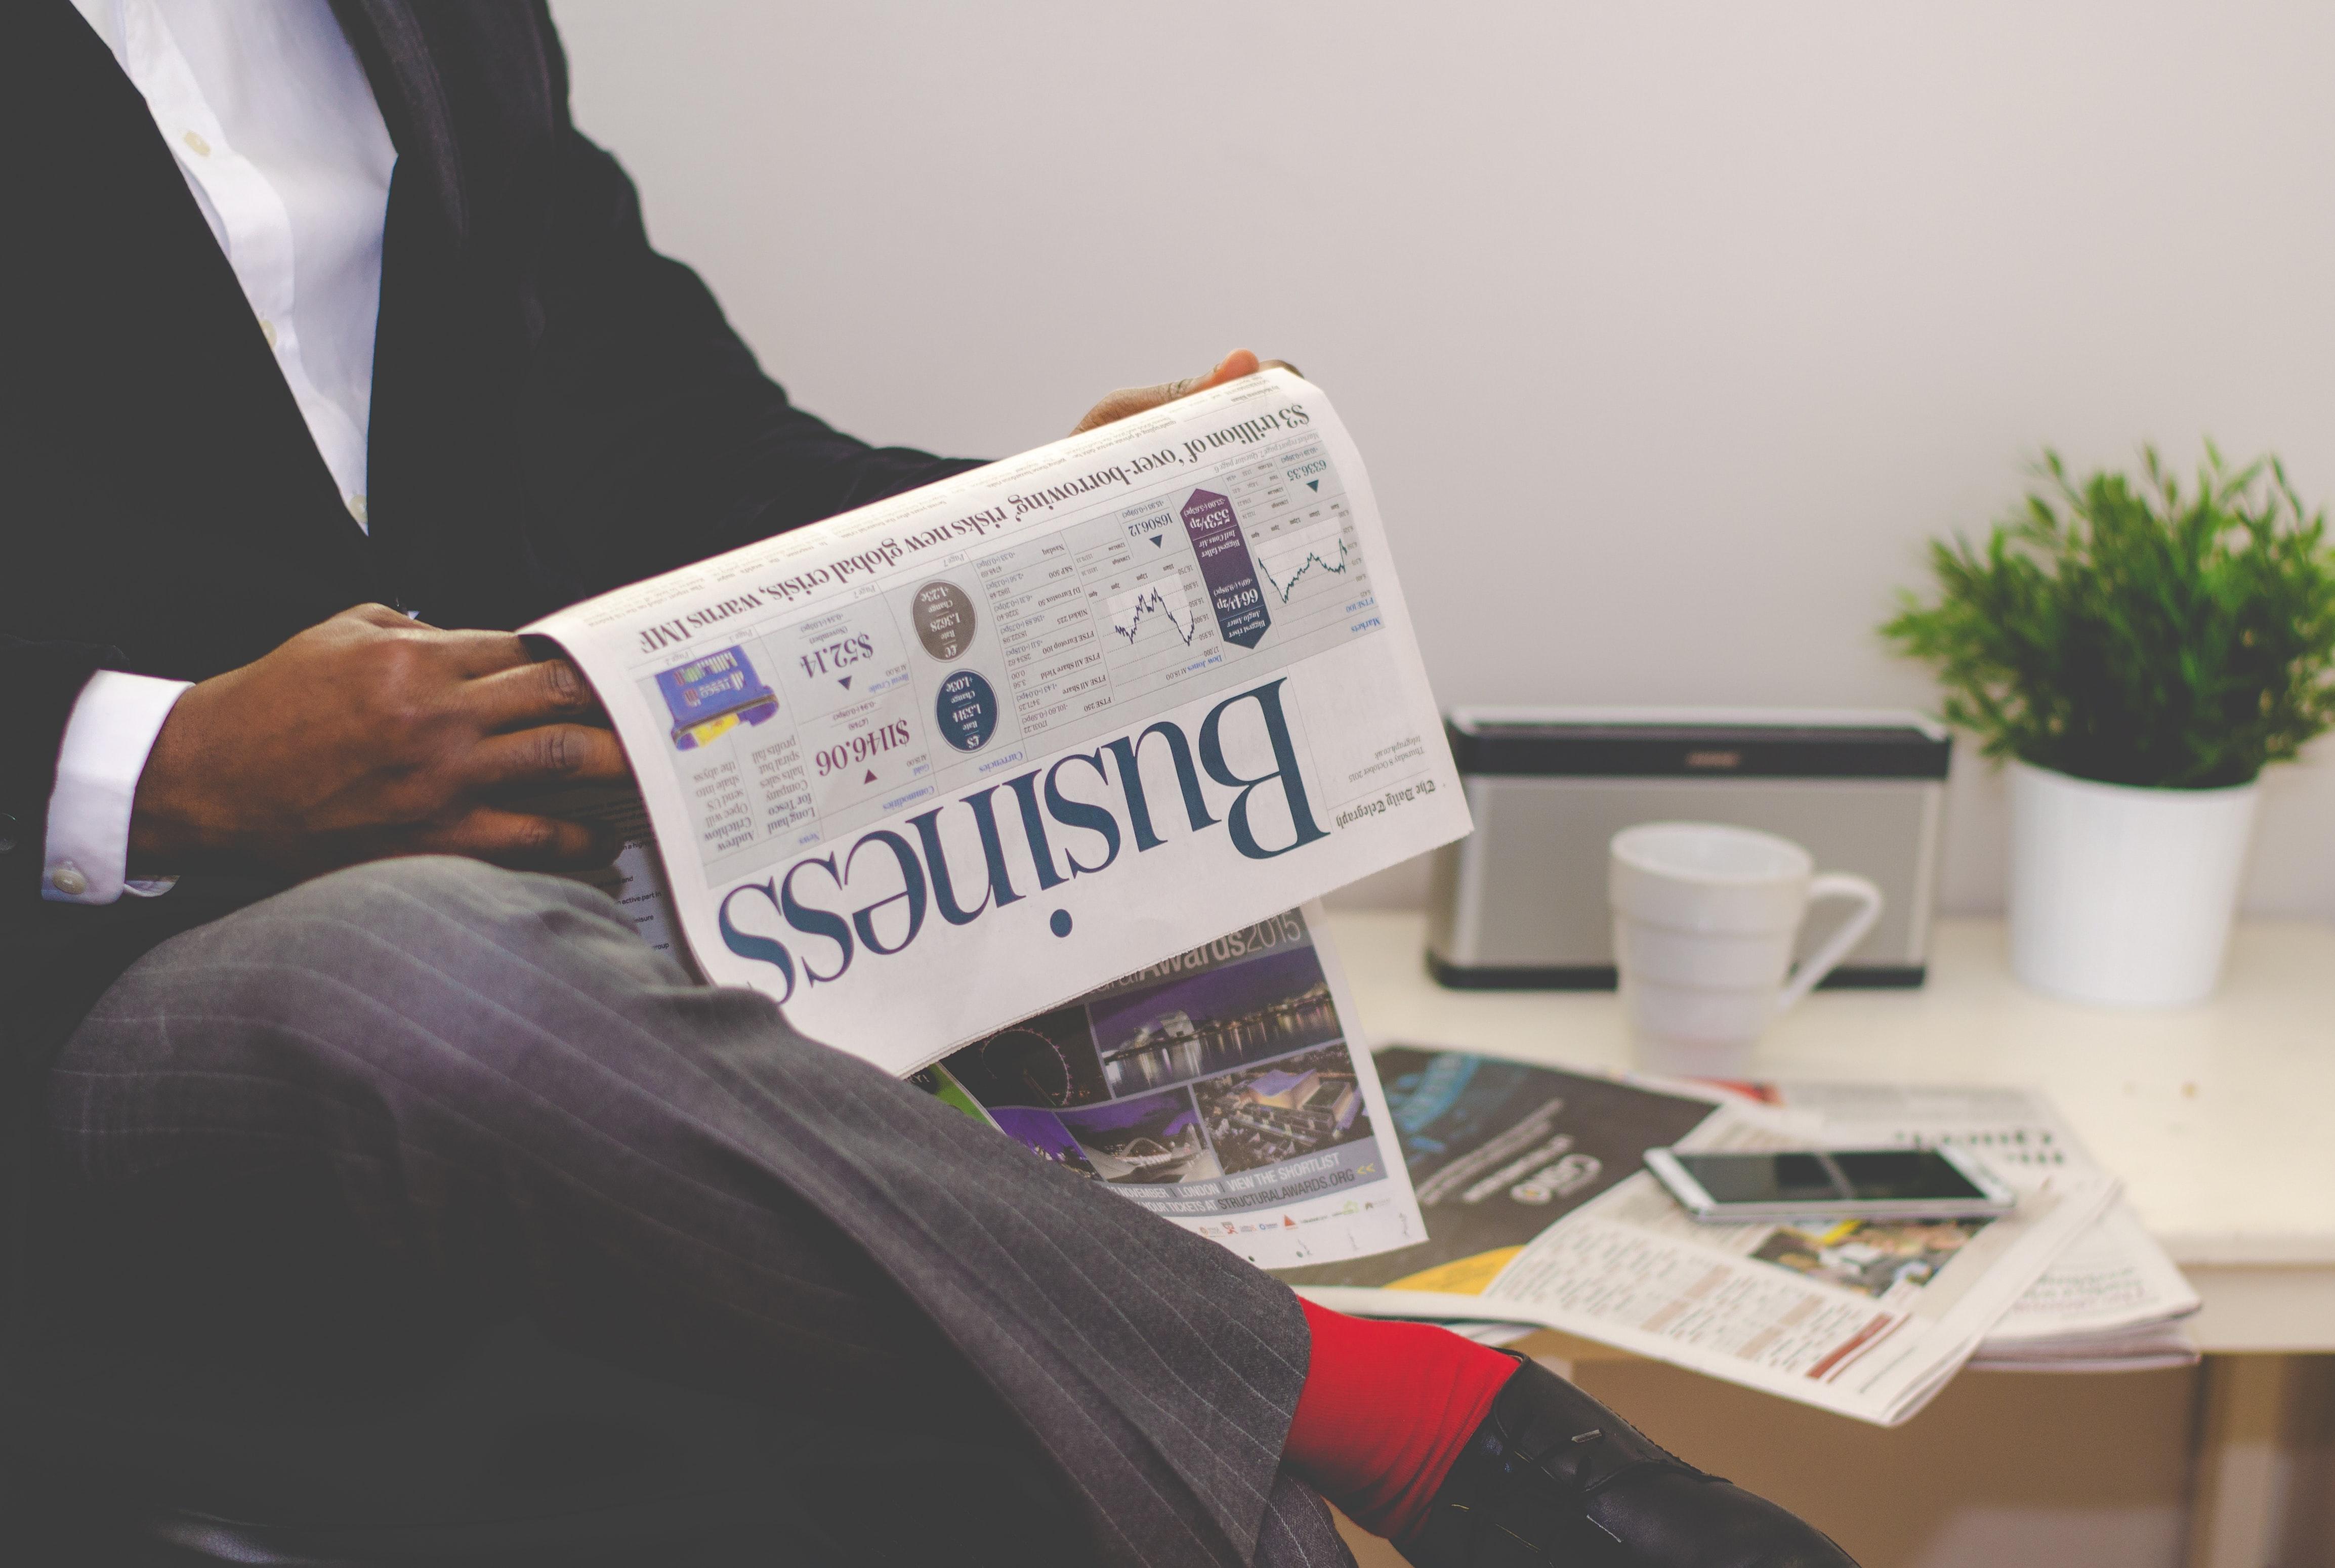 Neue Kunden schnell und einfach onboarden mit axeed Business Intelligence Lösung_Photo by Adeolu Eletu on Unsplash